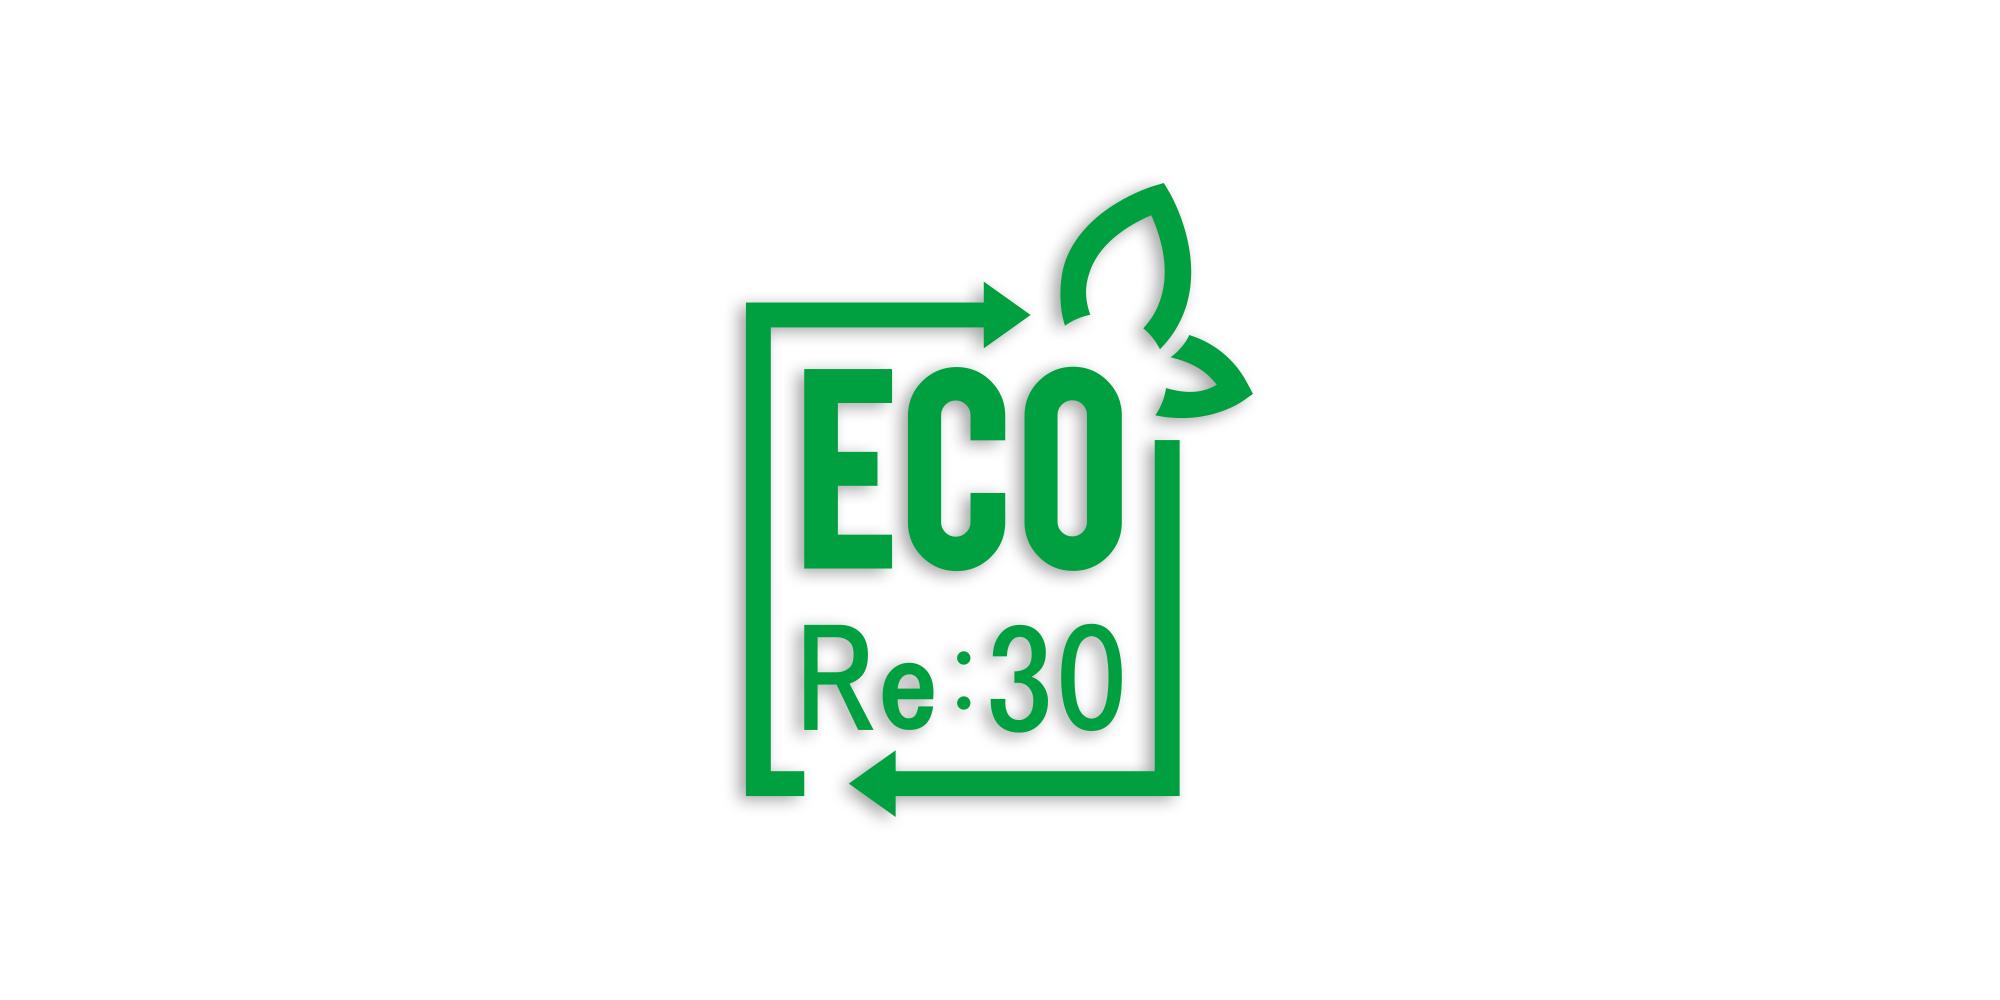 地球環境に配慮した素材、「再生プラスチック原料」とは?バイオマスプラスチックとの違い等も解説